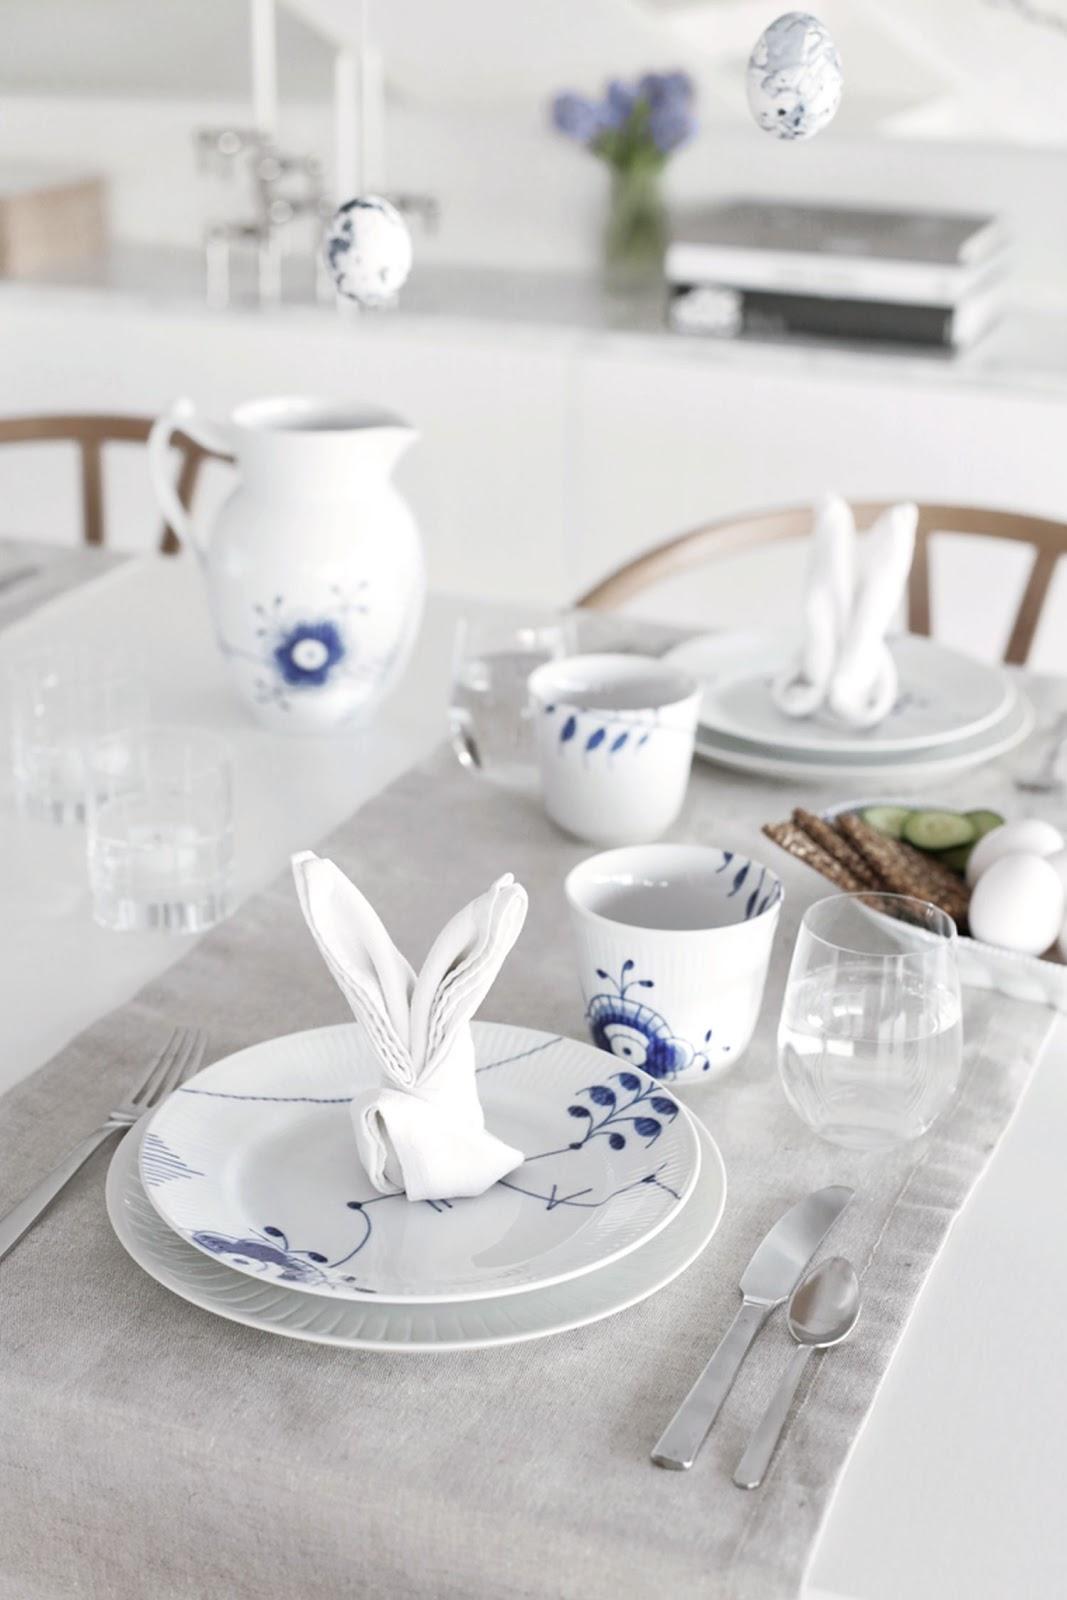 pomysly na ozdobienie stolu na swieta